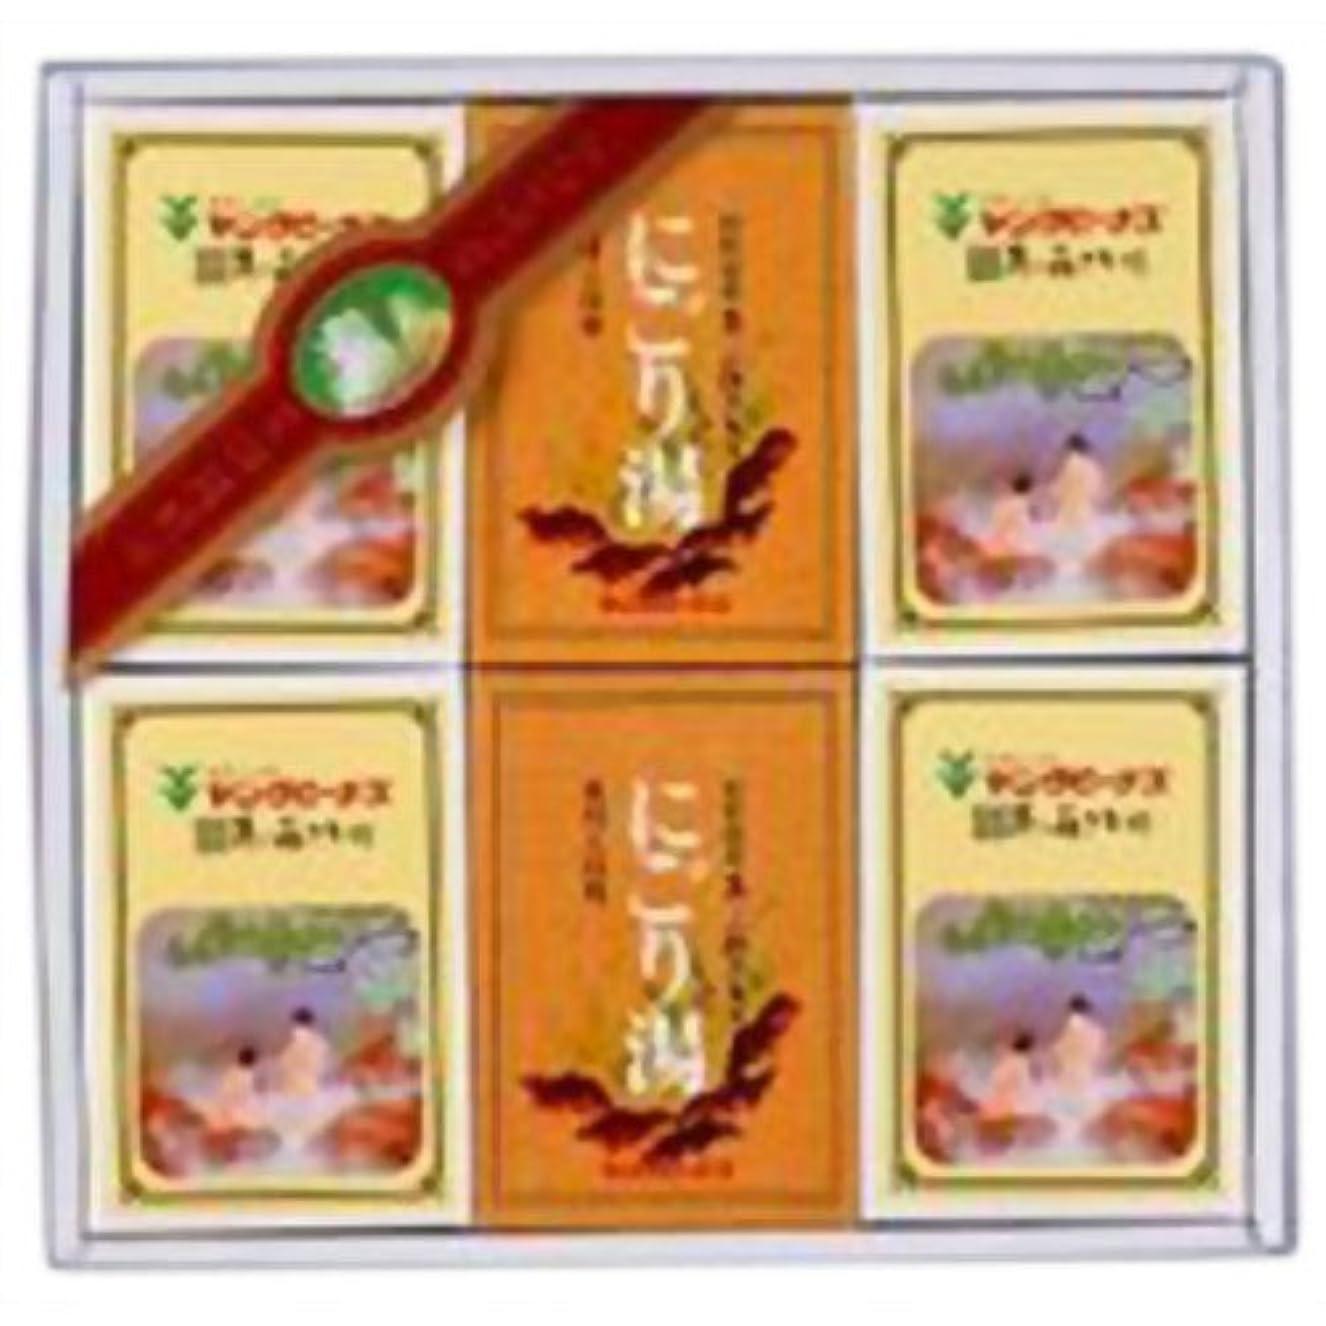 質素な振り返る野ウサギ別府温泉 湯の花エキス配合 ヤングビーナス ギフトセット MY-30(ヤングビーナス 60g×16袋+にごり湯 50g×8袋)